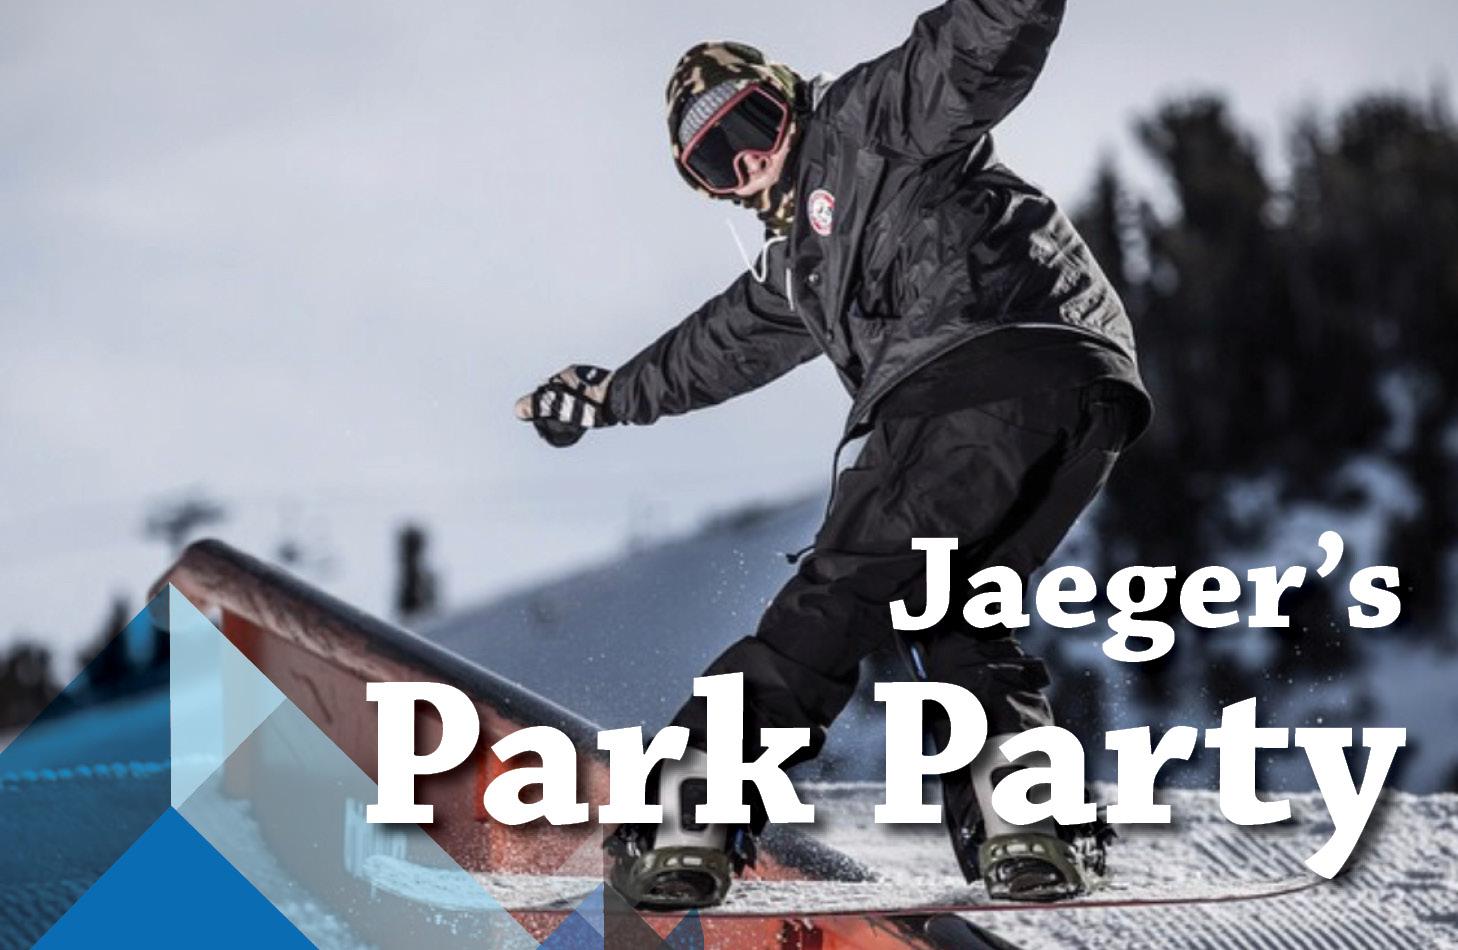 Jaeger's Park Party